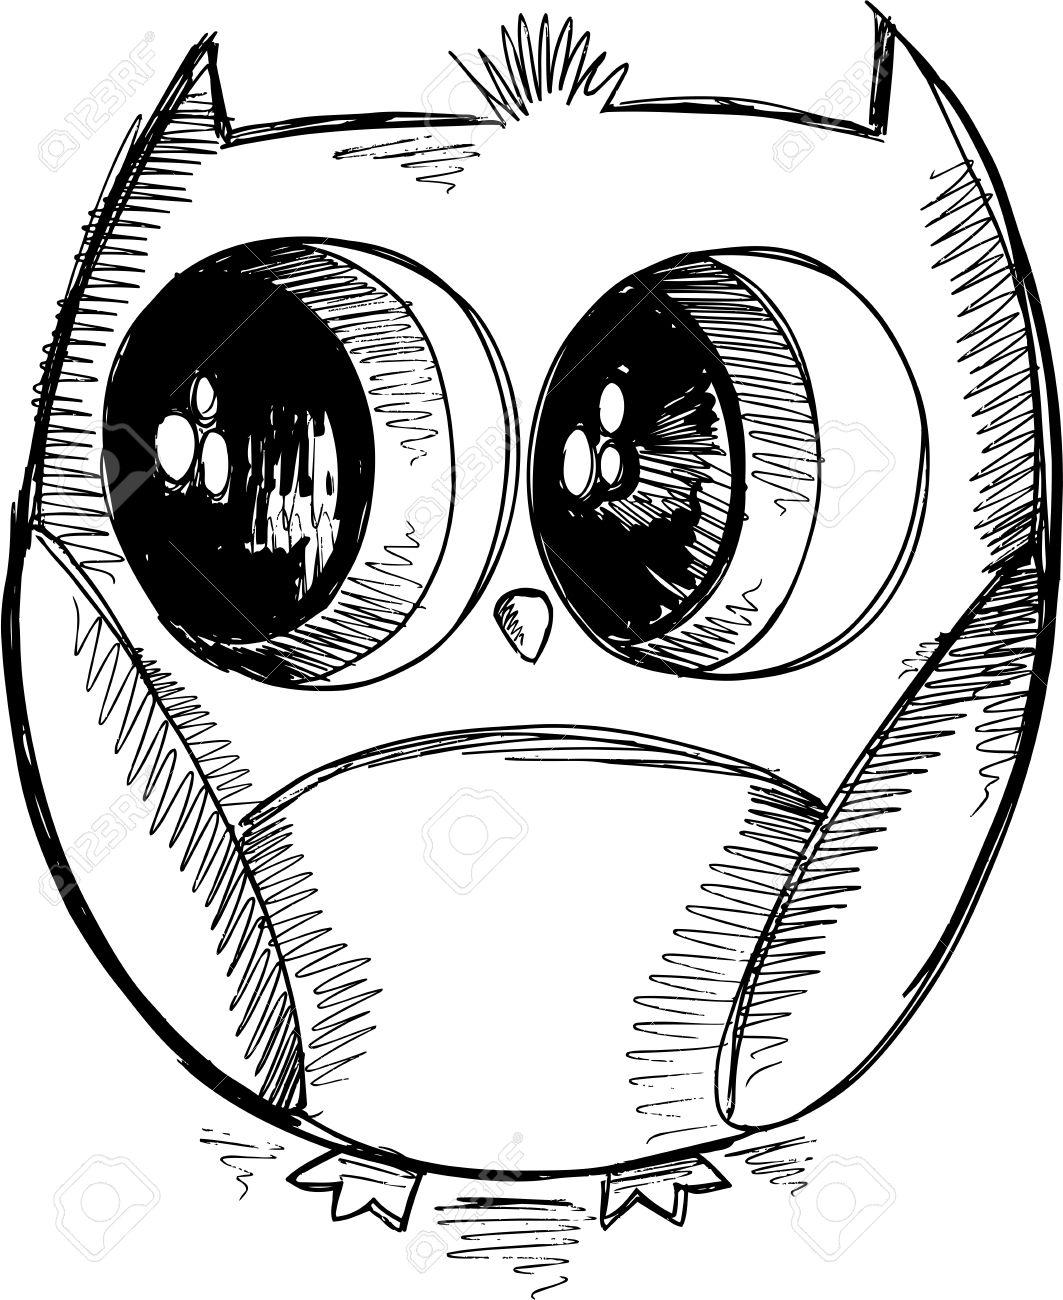 1063x1300 Cute Owl Sketch Doodle Vector Royalty Free Cliparts, Vectors,